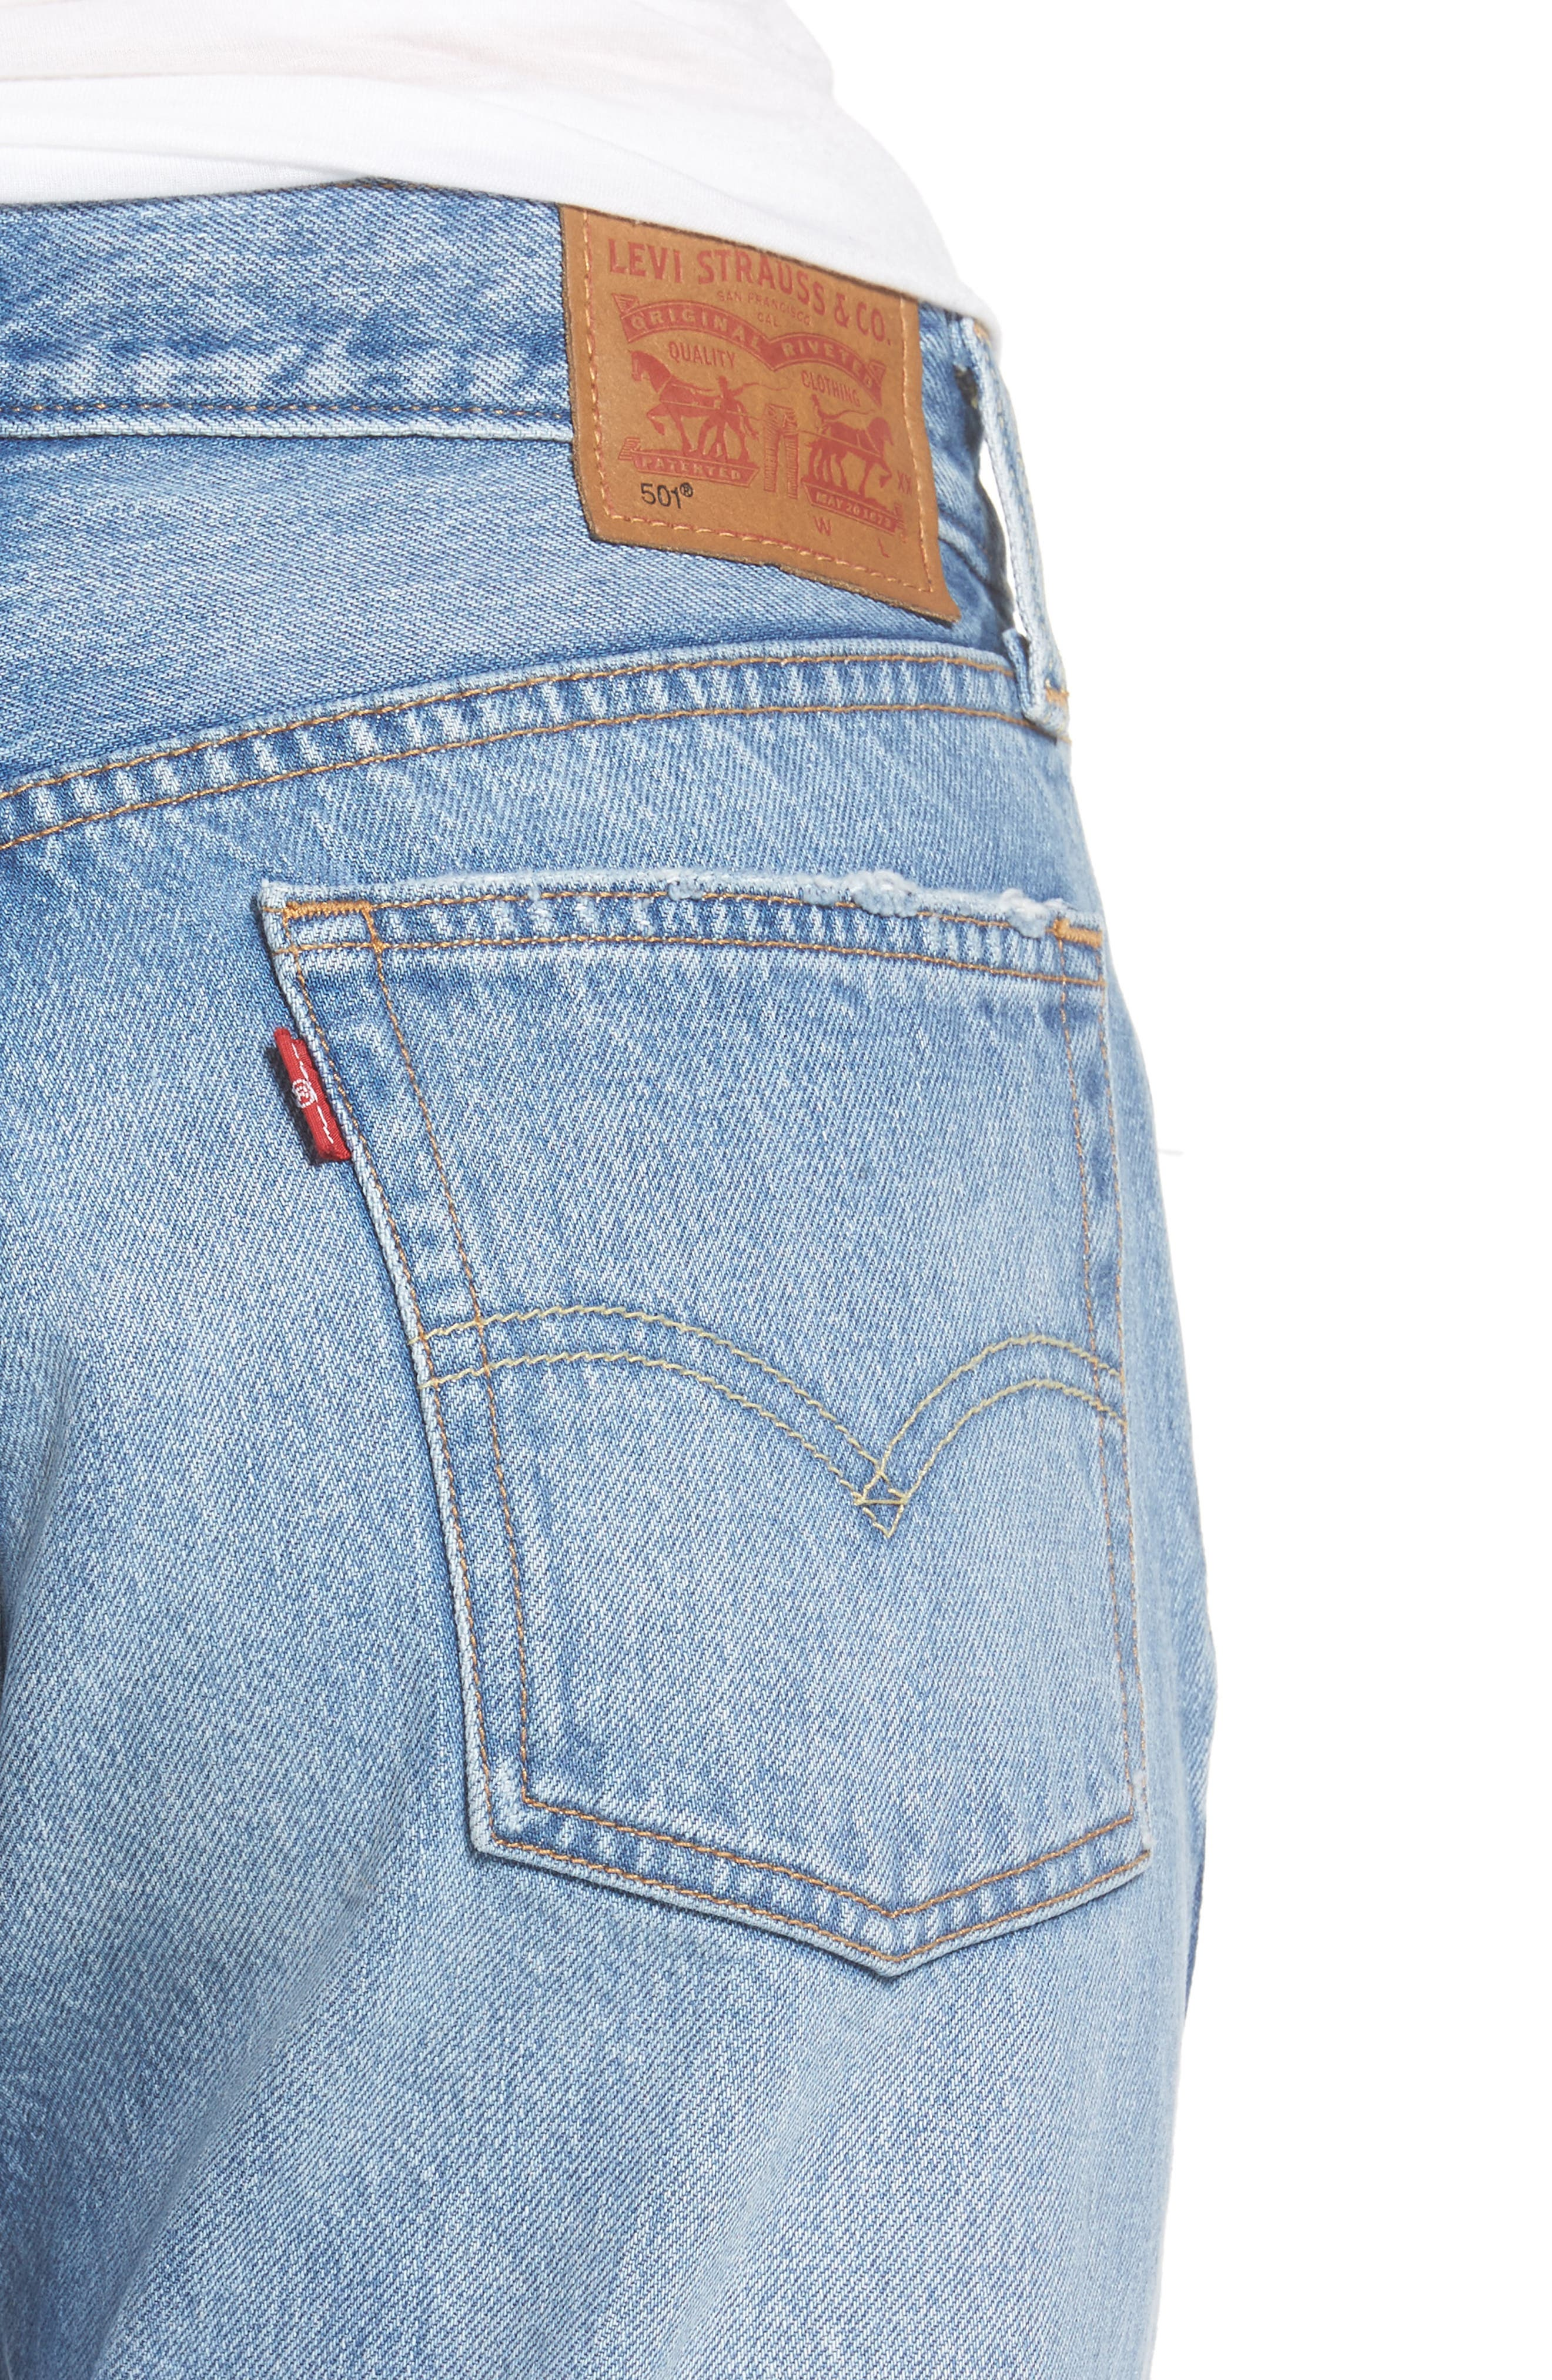 501 Crop Jeans,                             Alternate thumbnail 4, color,                             420